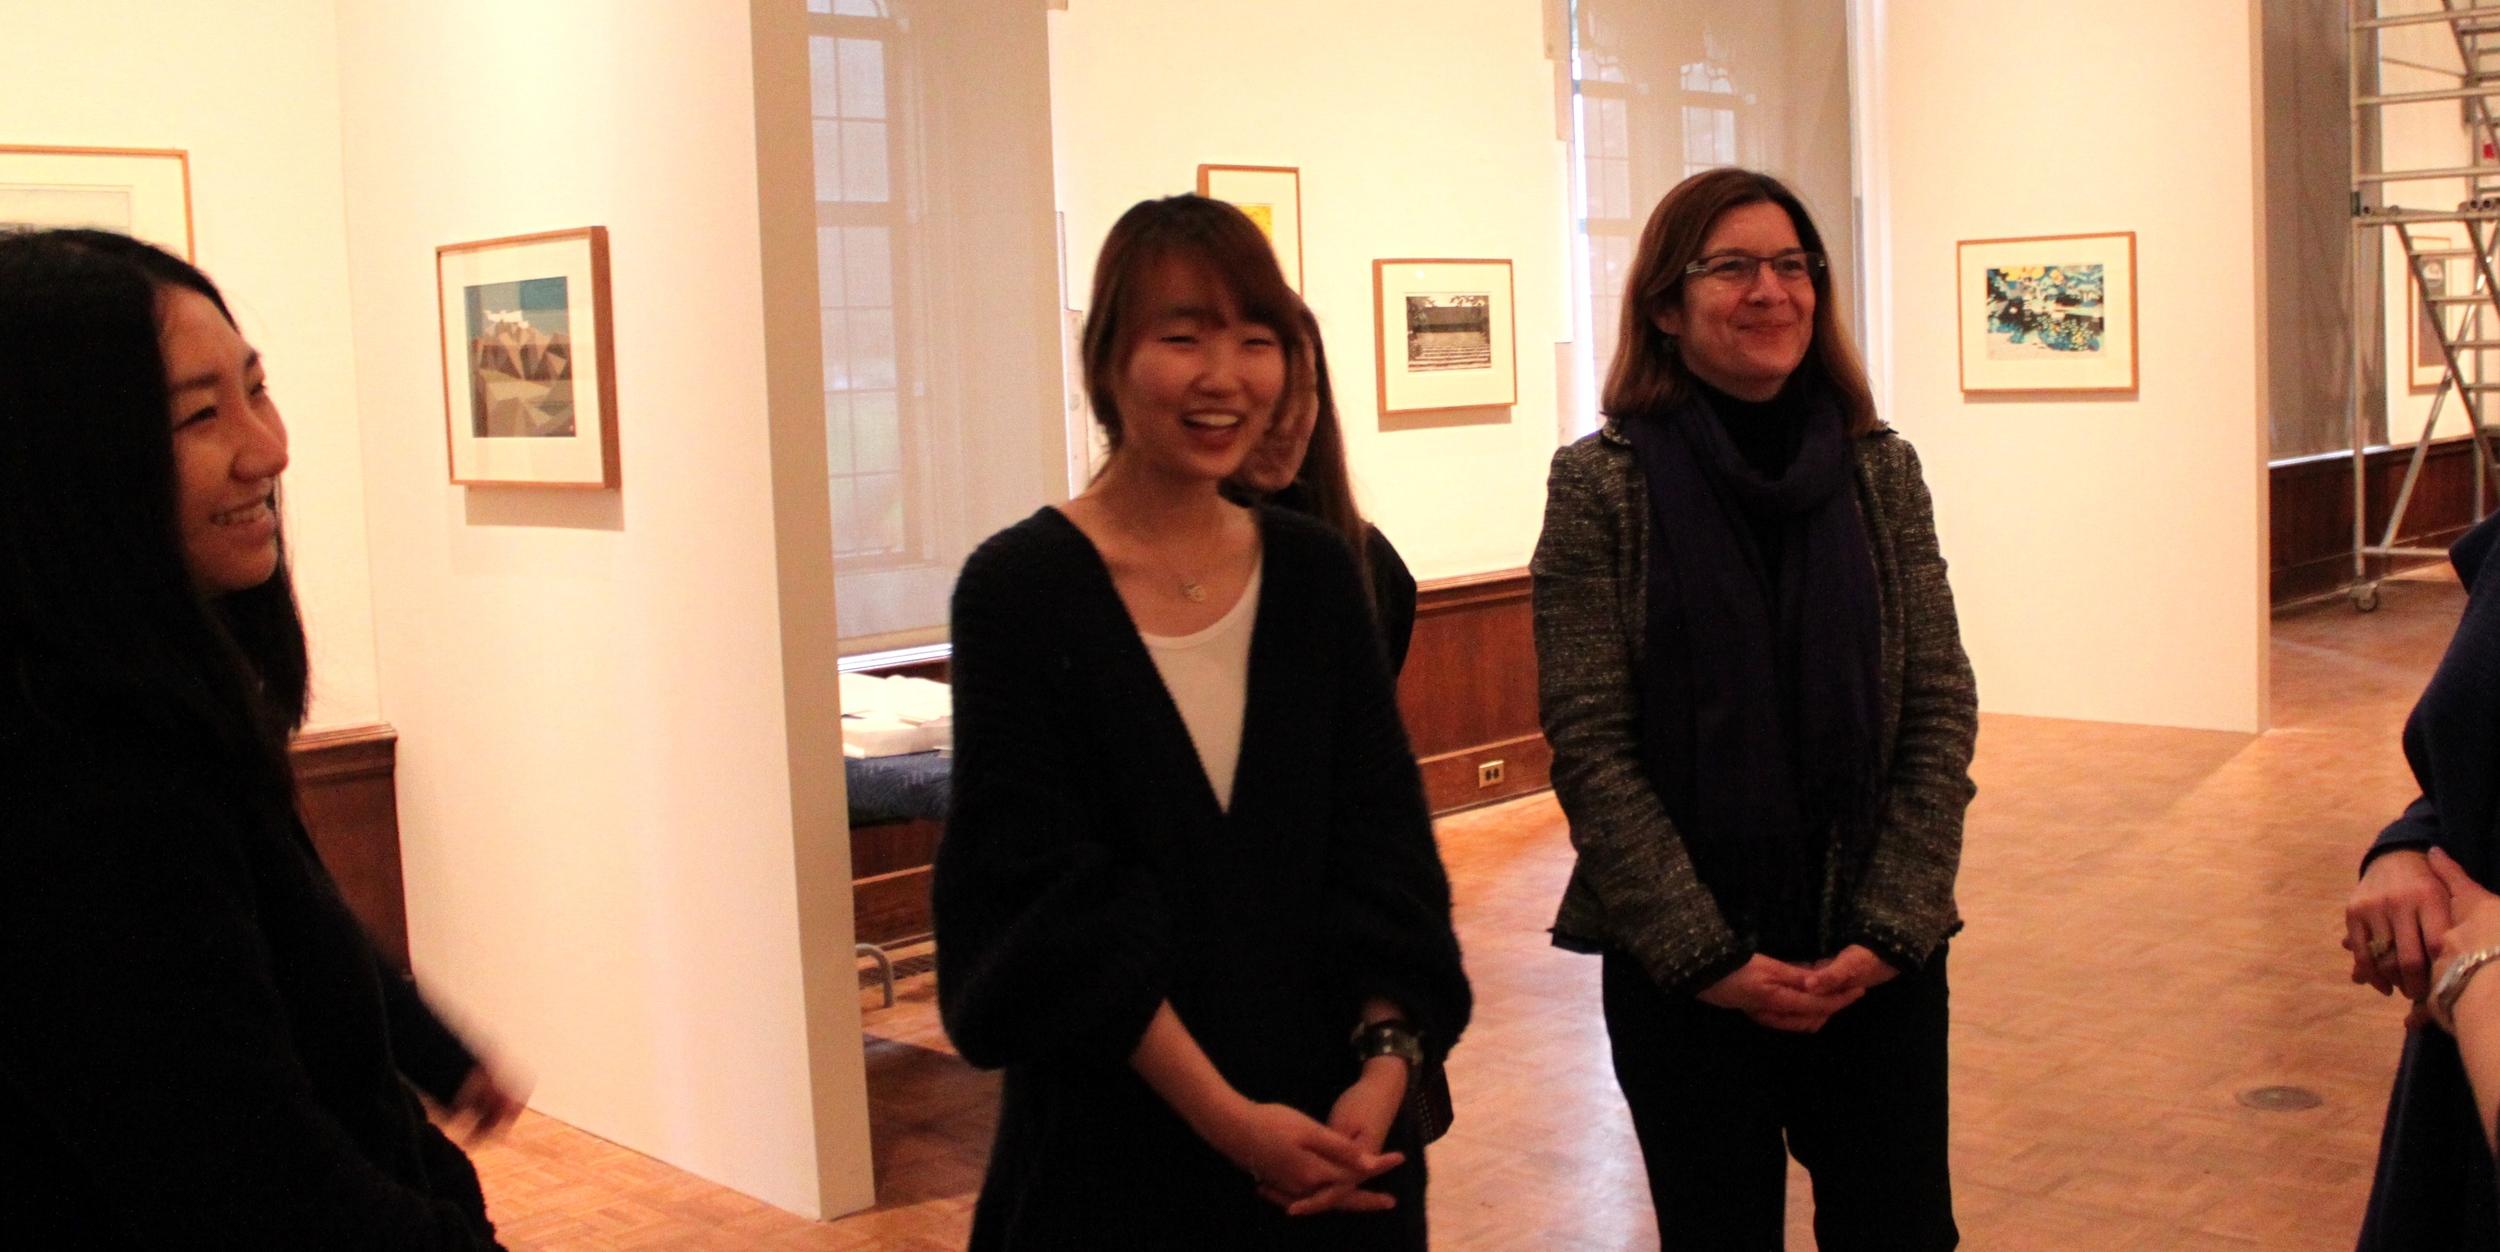 Jenny, Haely, Shelley in Gallery.jpg